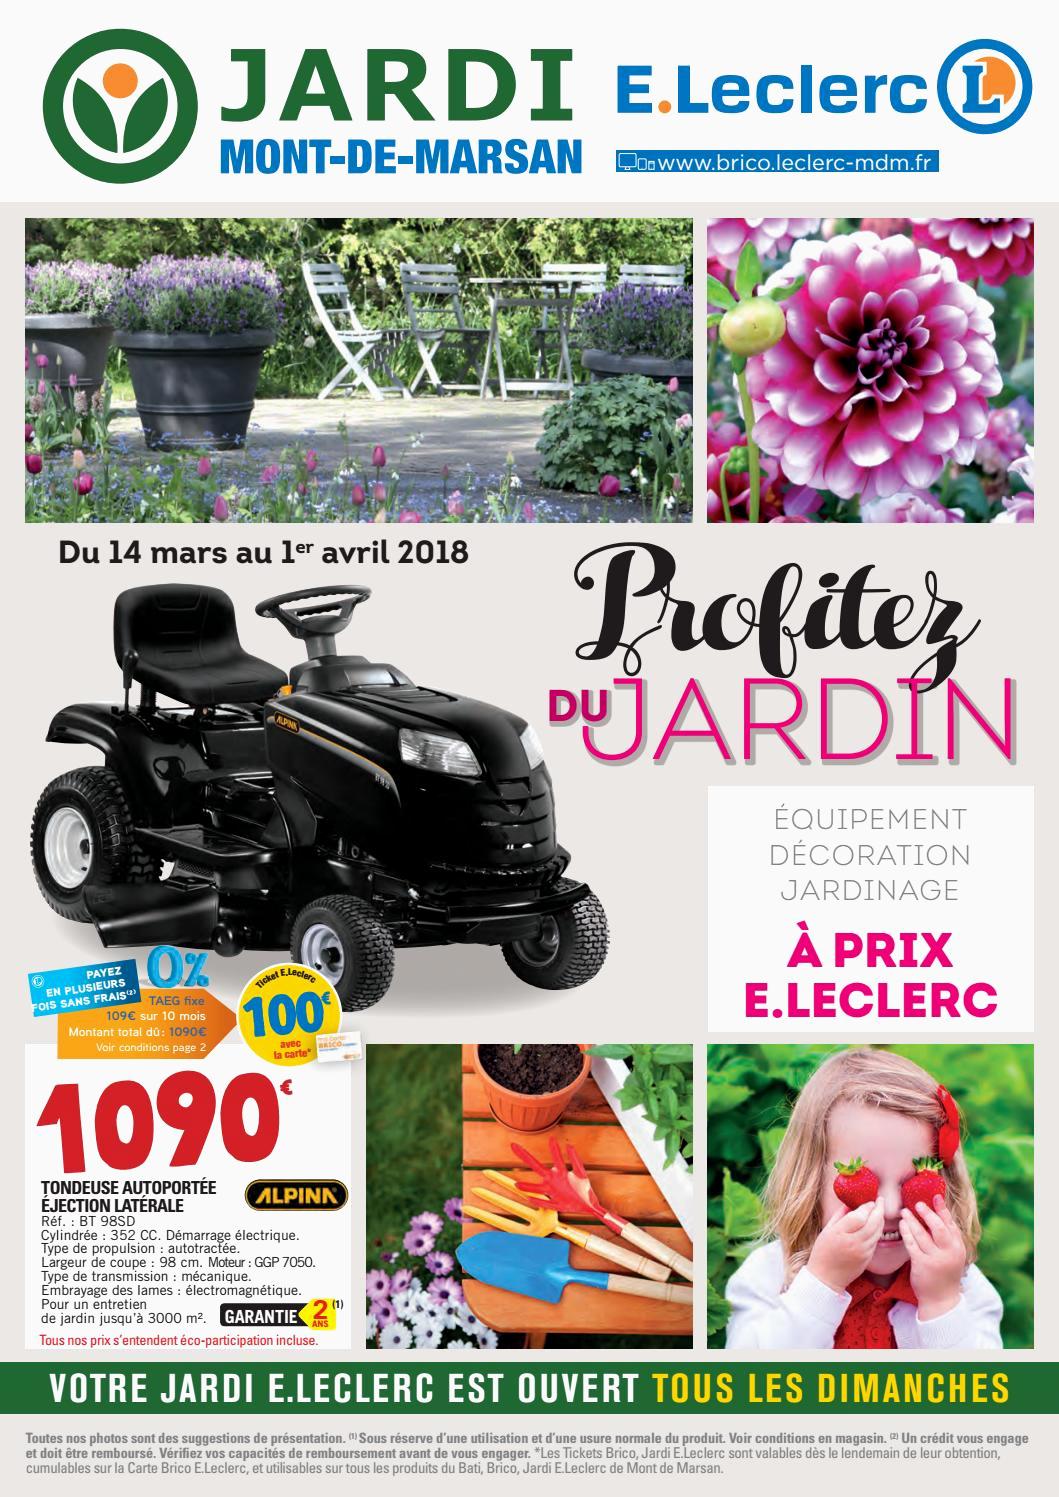 Télécharger Les Meilleures Photos Des Conception De Abri De ... destiné Salon De Jardin Leclerc 2019